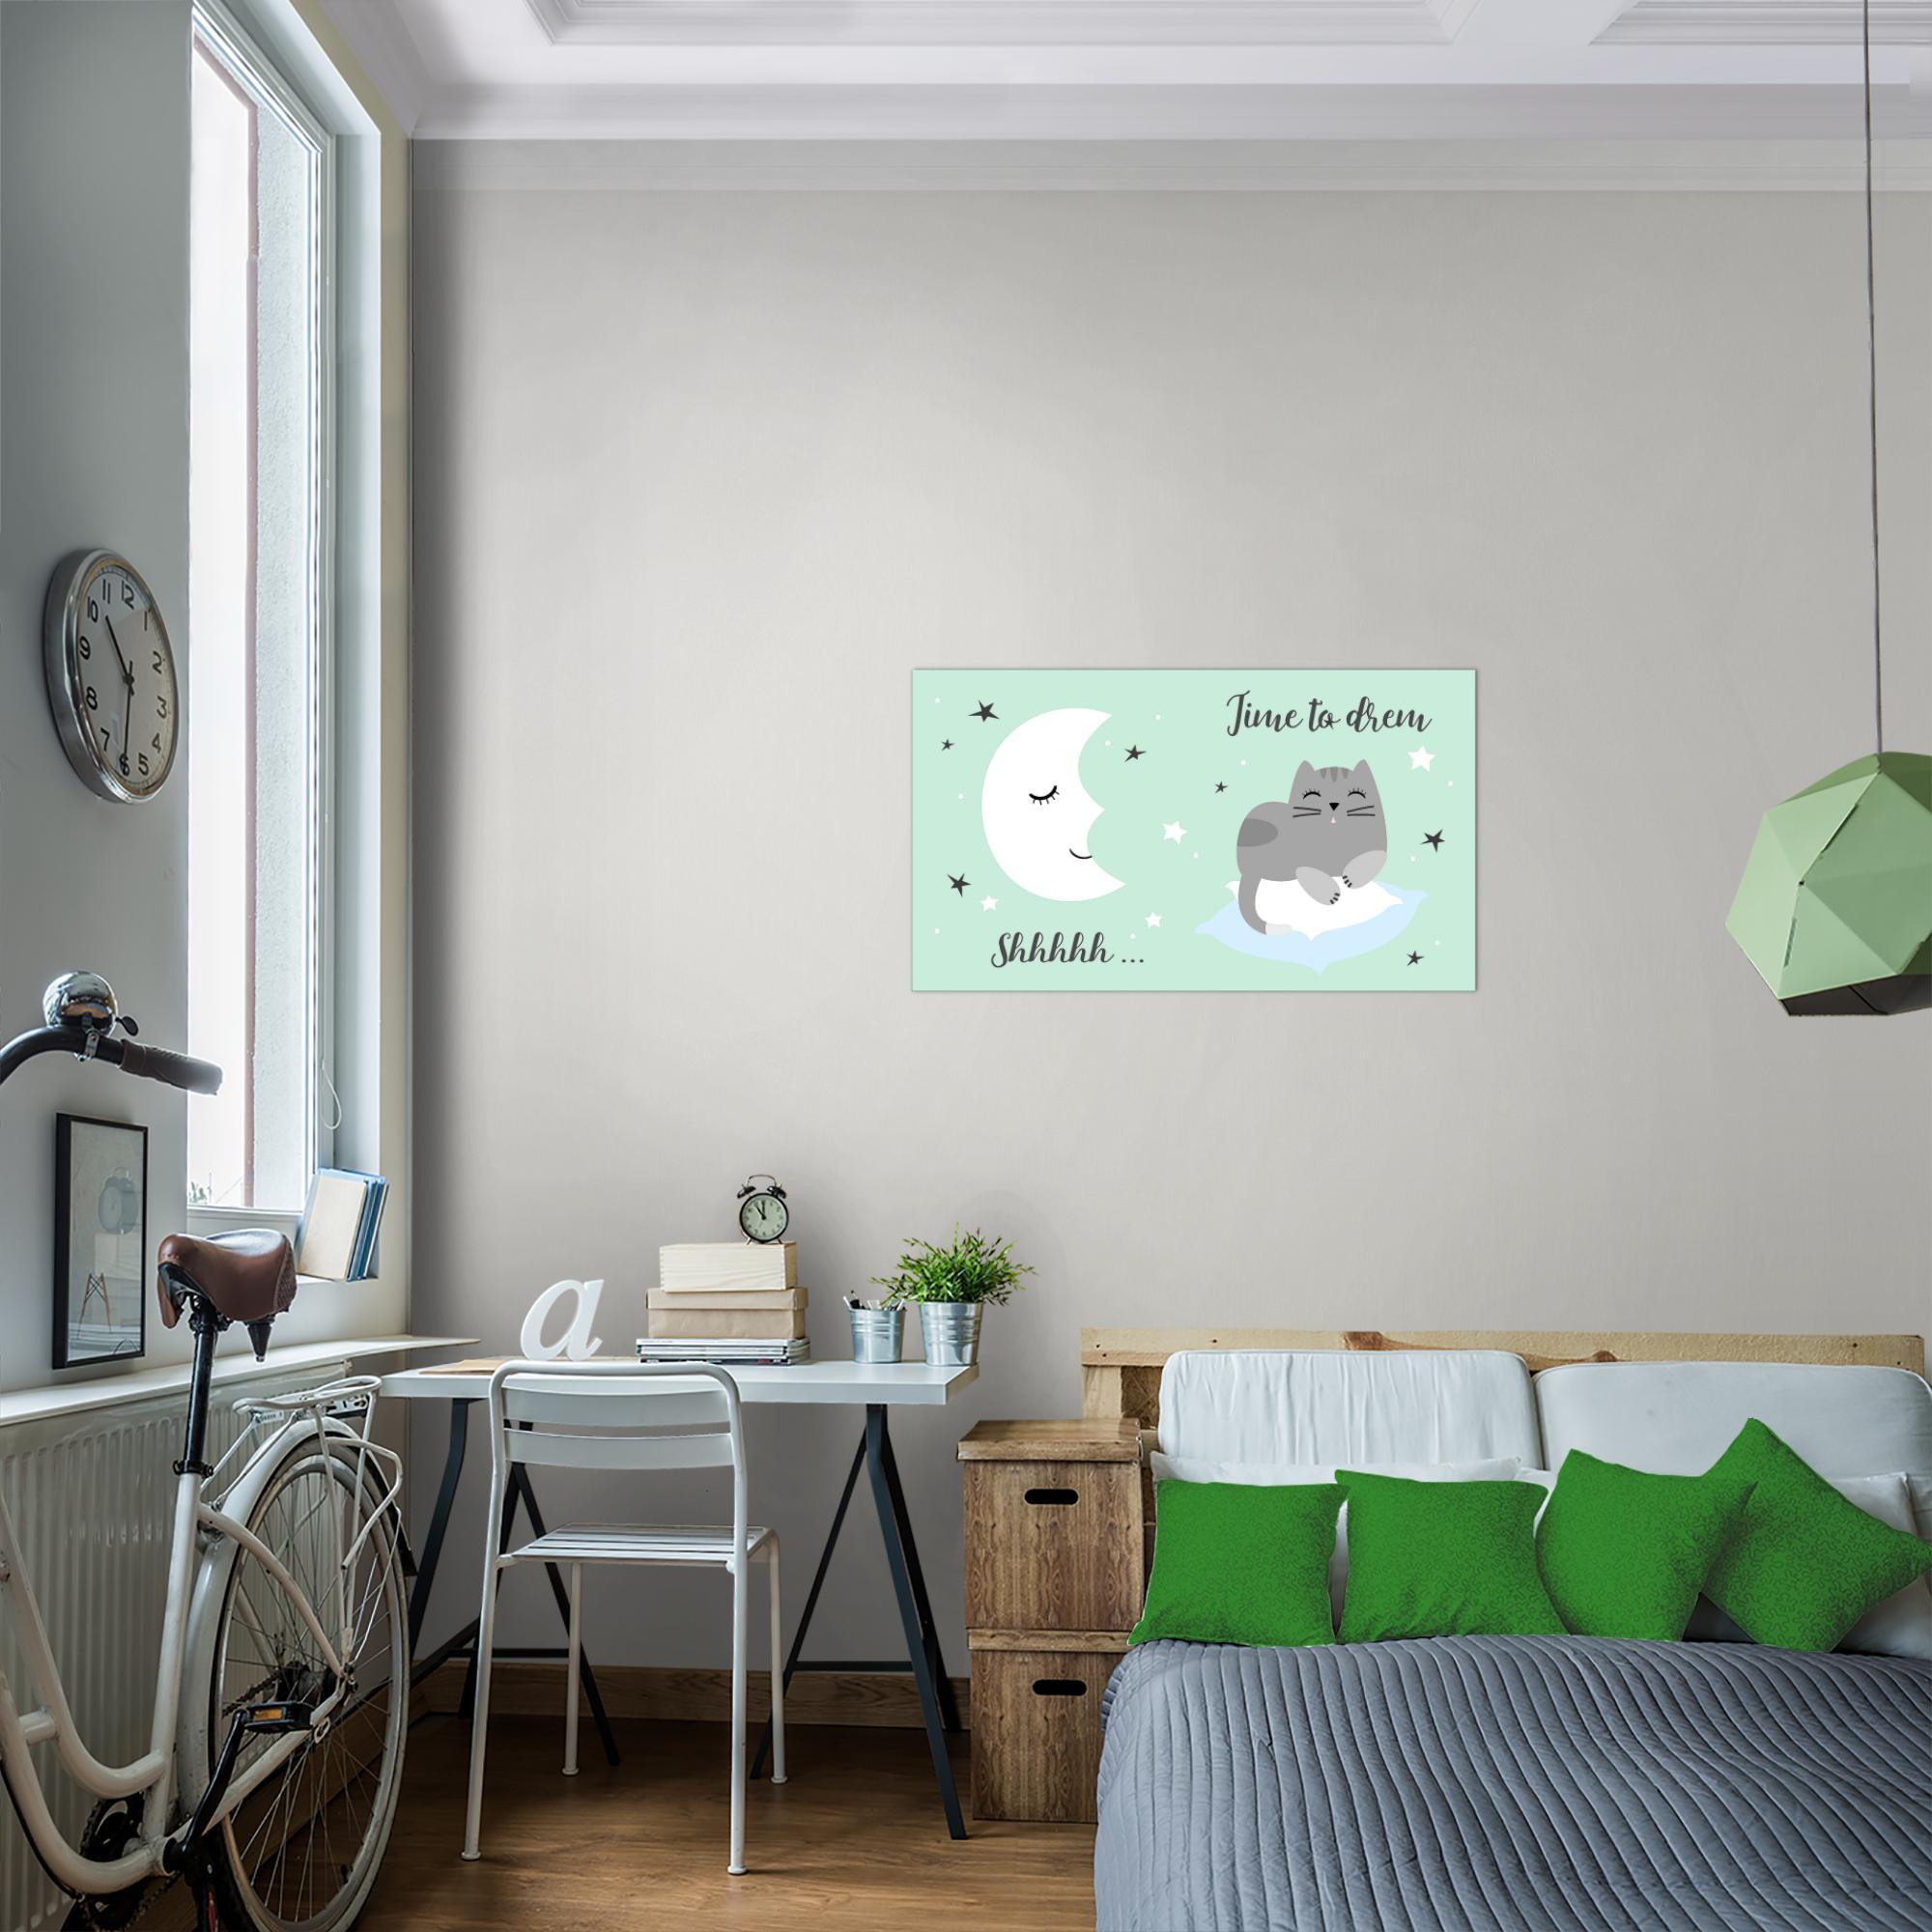 Kinderzimmer tier bild kunstdruck auf vlies leinwand xxl dekoration 018614p - Kinderzimmer dekoration ...